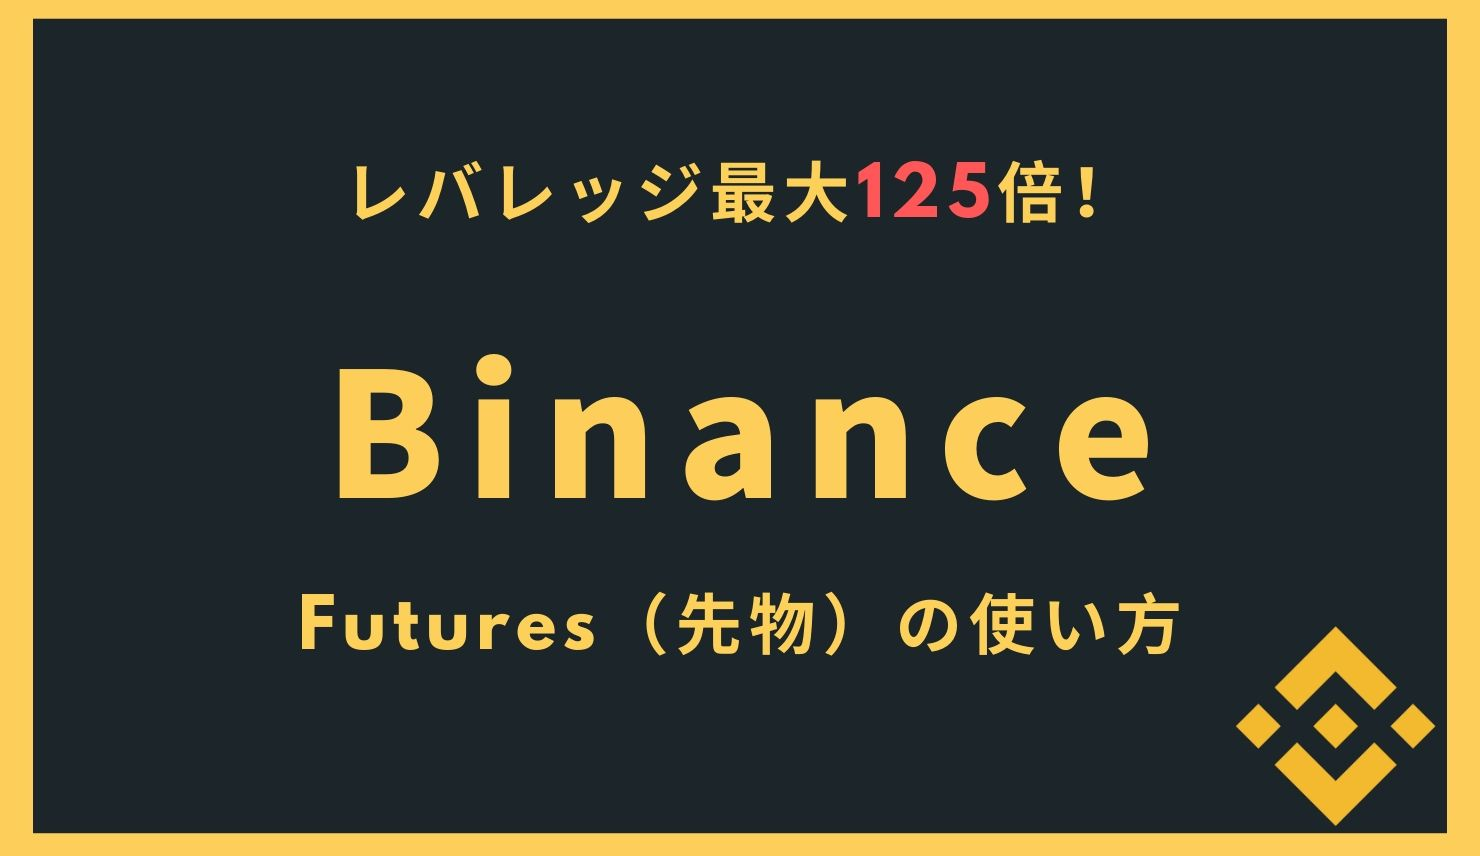 最大レバレッジ125倍!Binance Futures(先物)とは?BitMEXとの比較